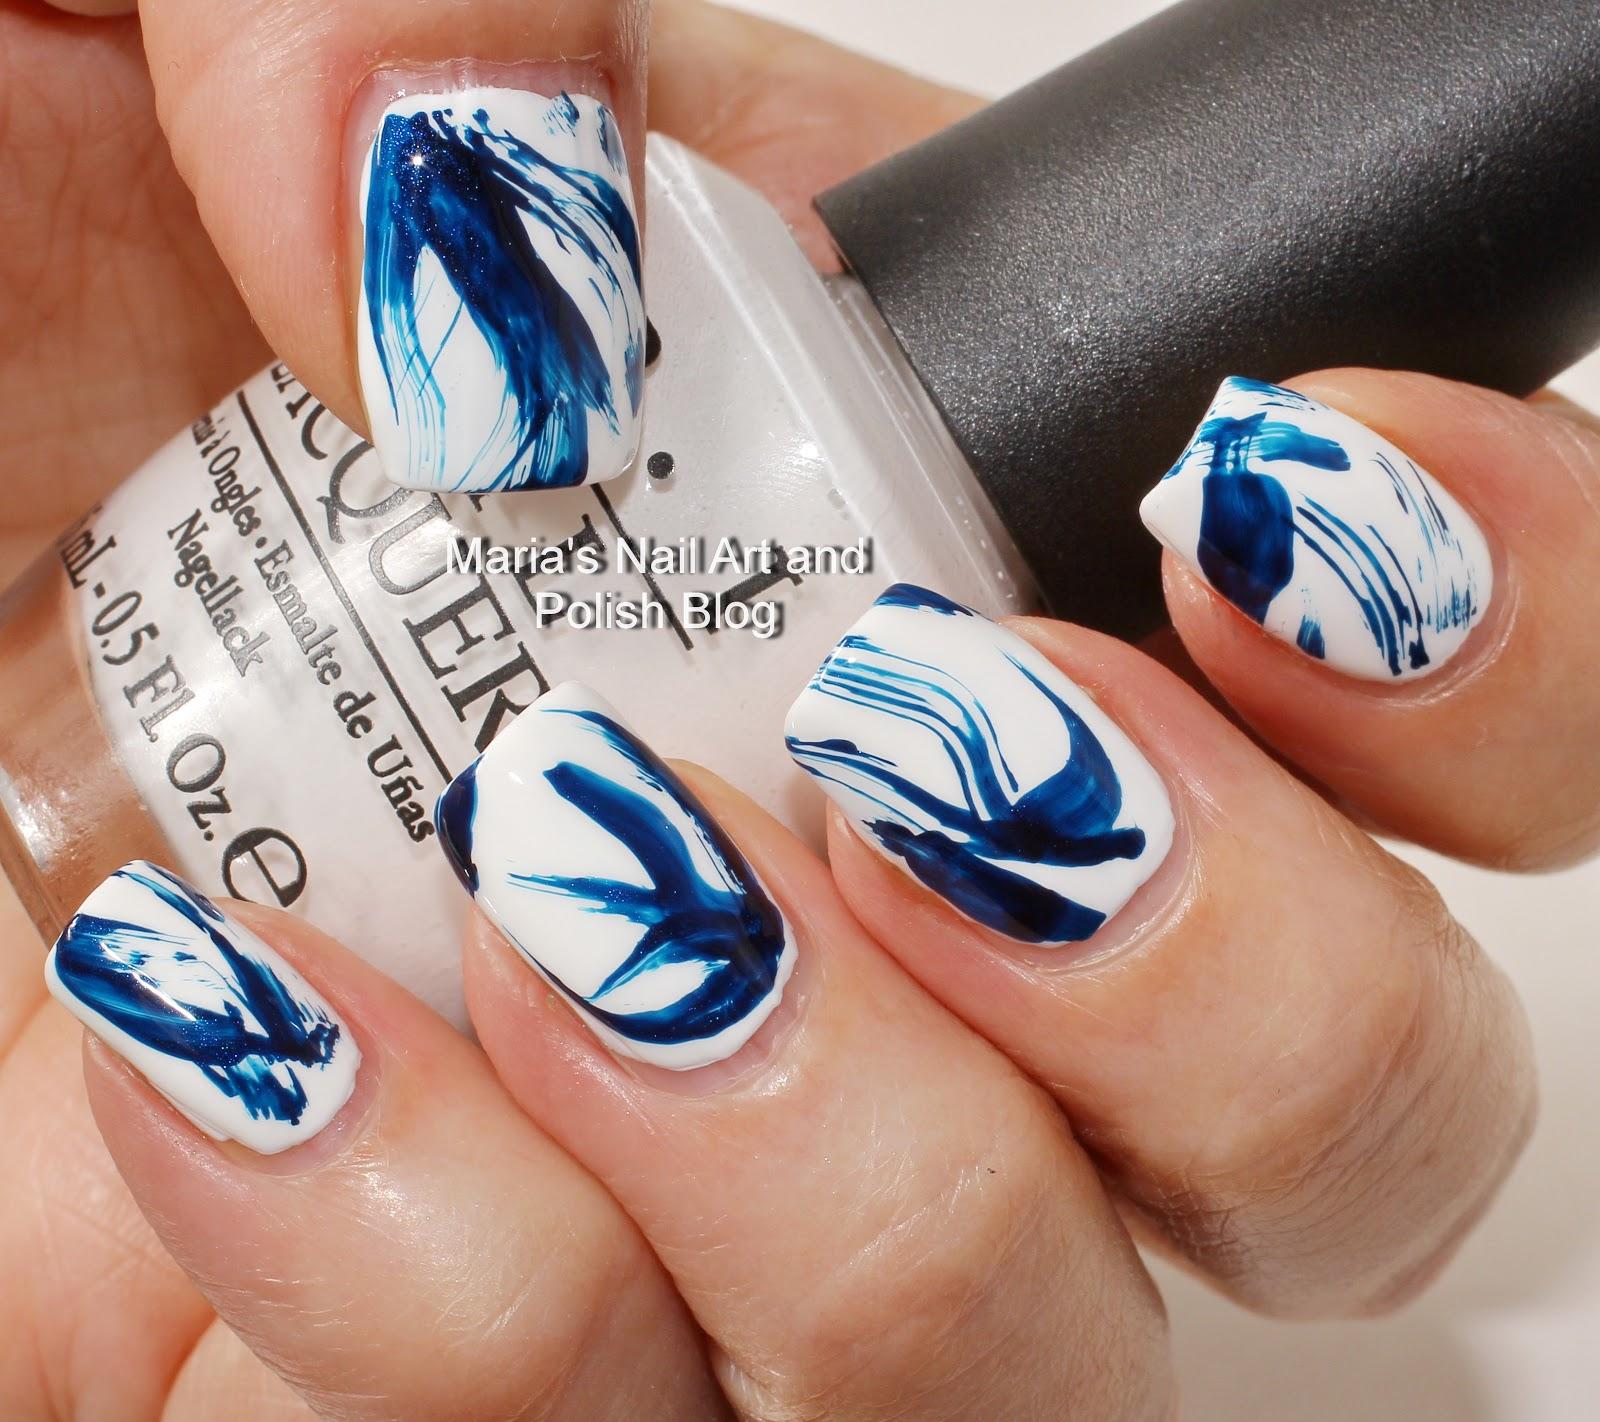 Nail art brush strokes images nail art and nail design ideas nail art brush strokes image collections nail art and nail nail art brush strokes image collections prinsesfo Images